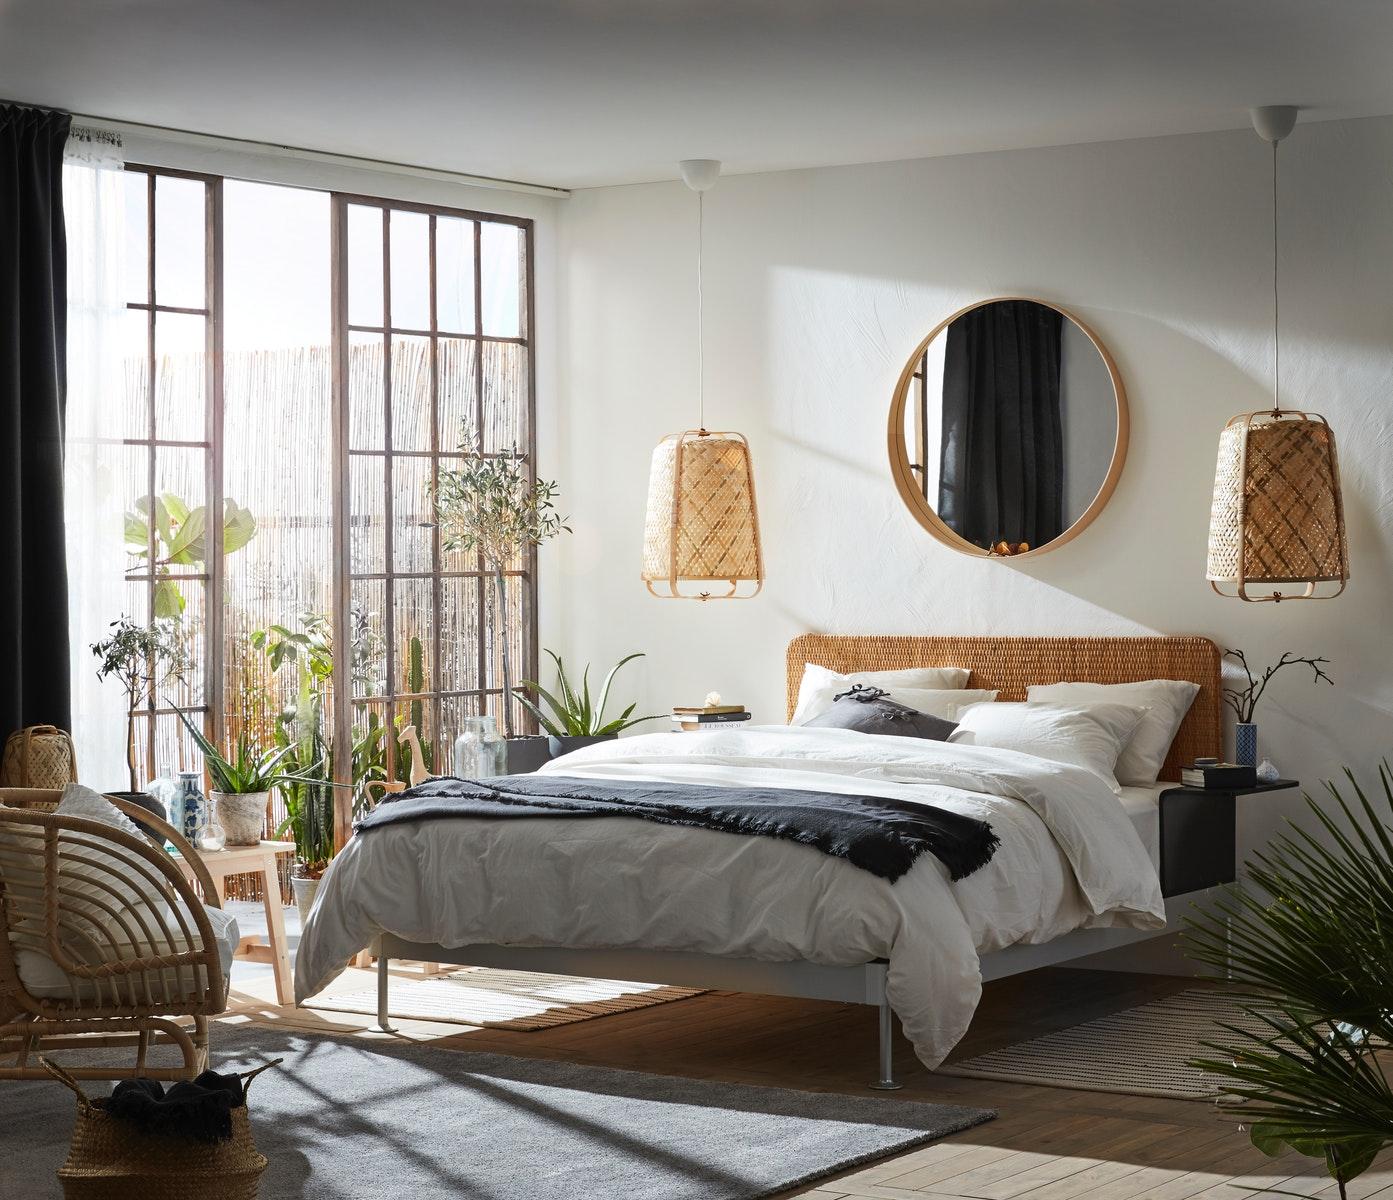 9. 床旁邊的結緣金三角。睡覺時聞到的香氣,睜開眼看到的鮮花,和床頭左右各放一盞溫暖黃光的床頭燈,寓意好事成雙,人生溫暖順遂,提升人人緣、桃花和貴人運。